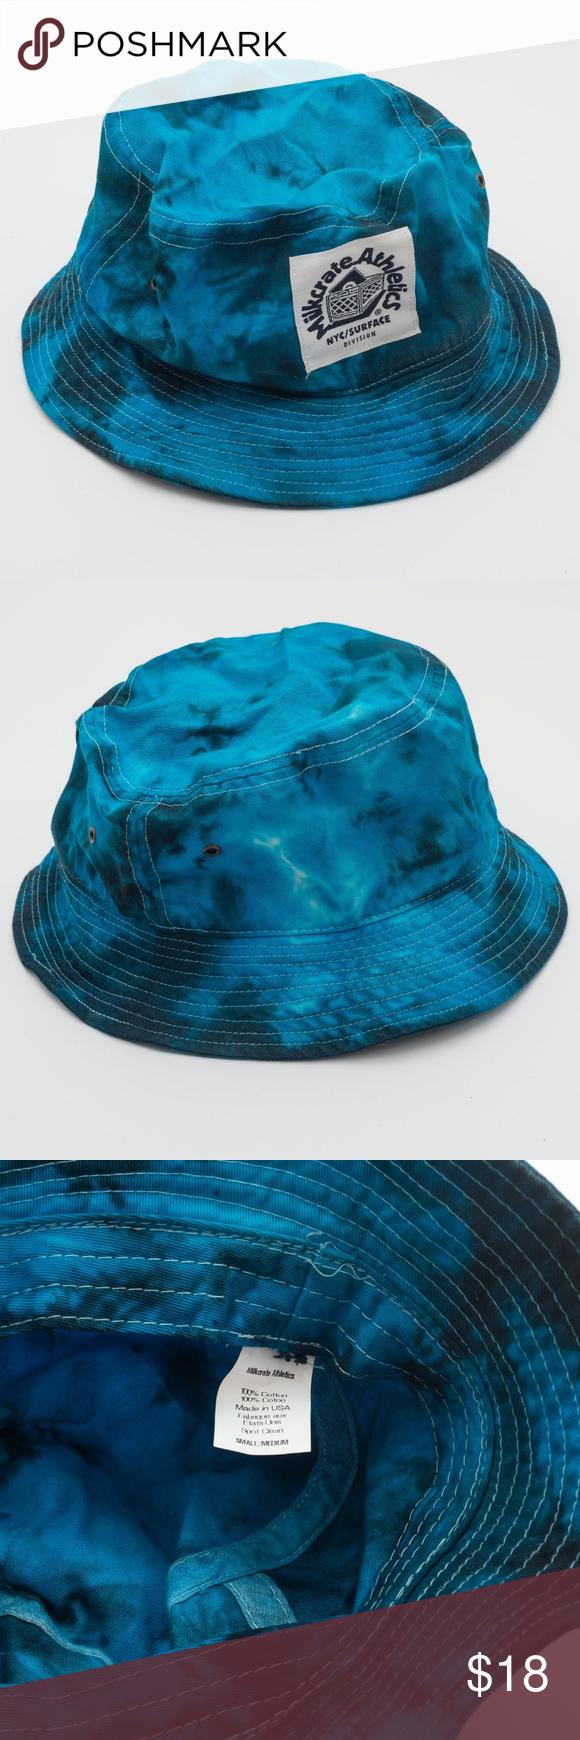 4c51cda7 Milkcrate Aesthetics Blue Tie Dye Bucket Hat, UO Milkcrate Aesthetics brand  from Urban Outfitters Blue Tie Dye wash with metal eyelets on each side  size S/M ...